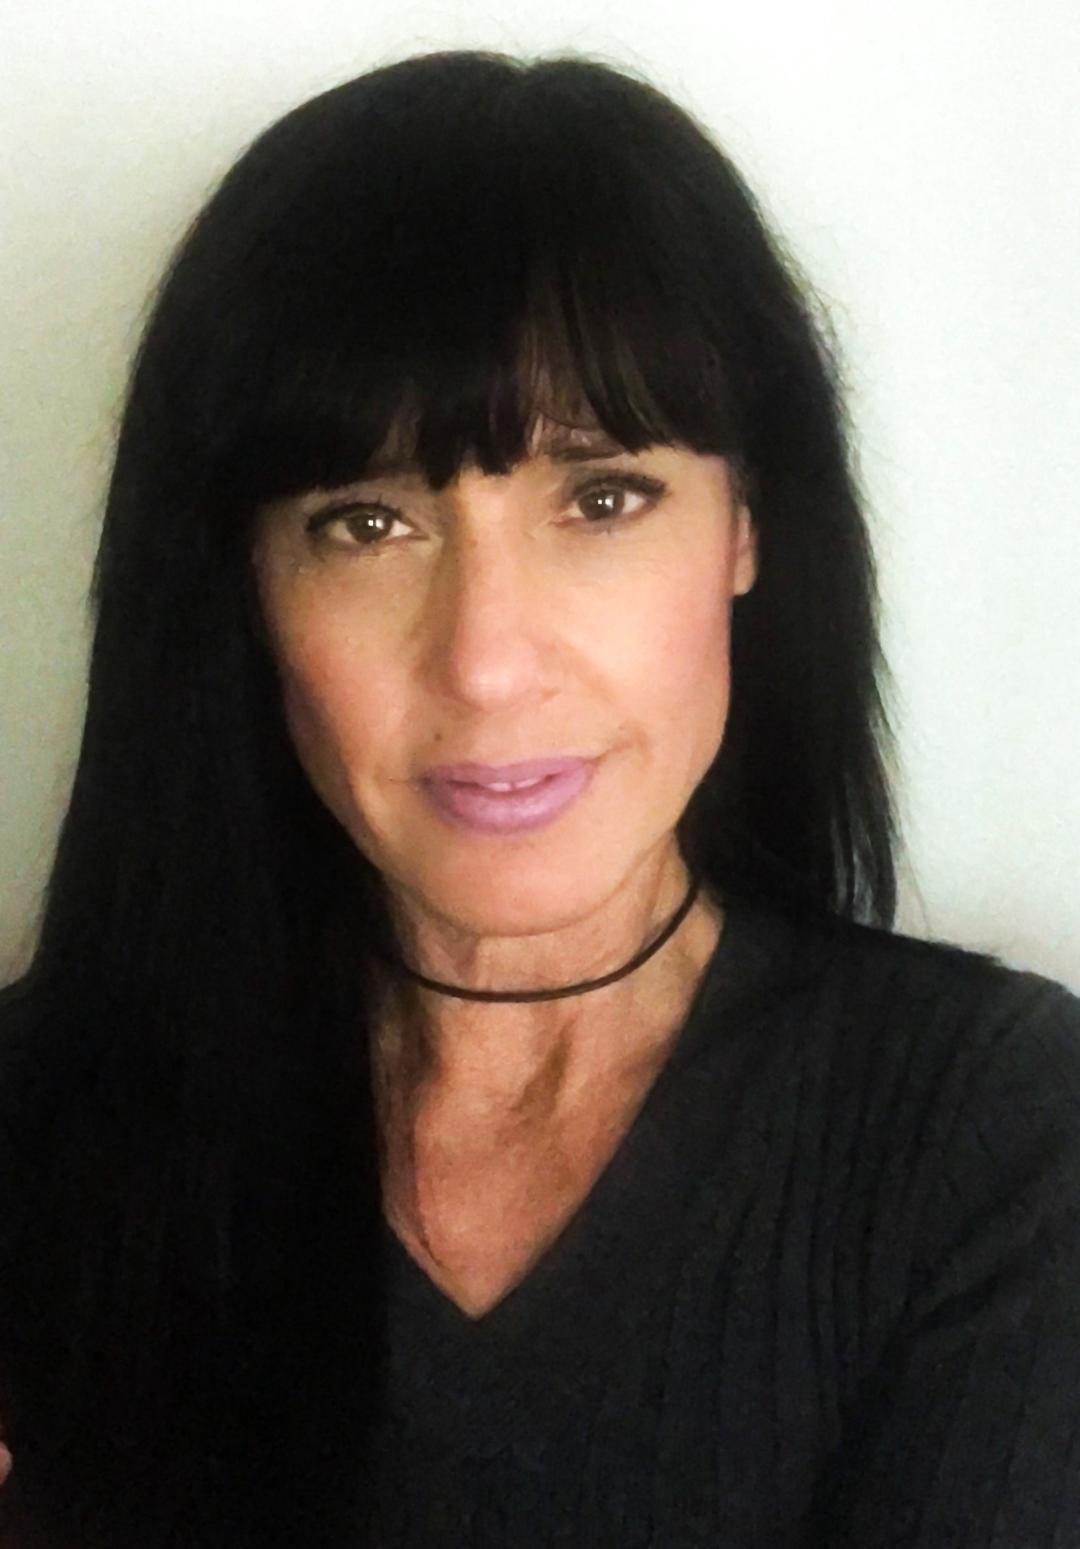 Monique Chiolo